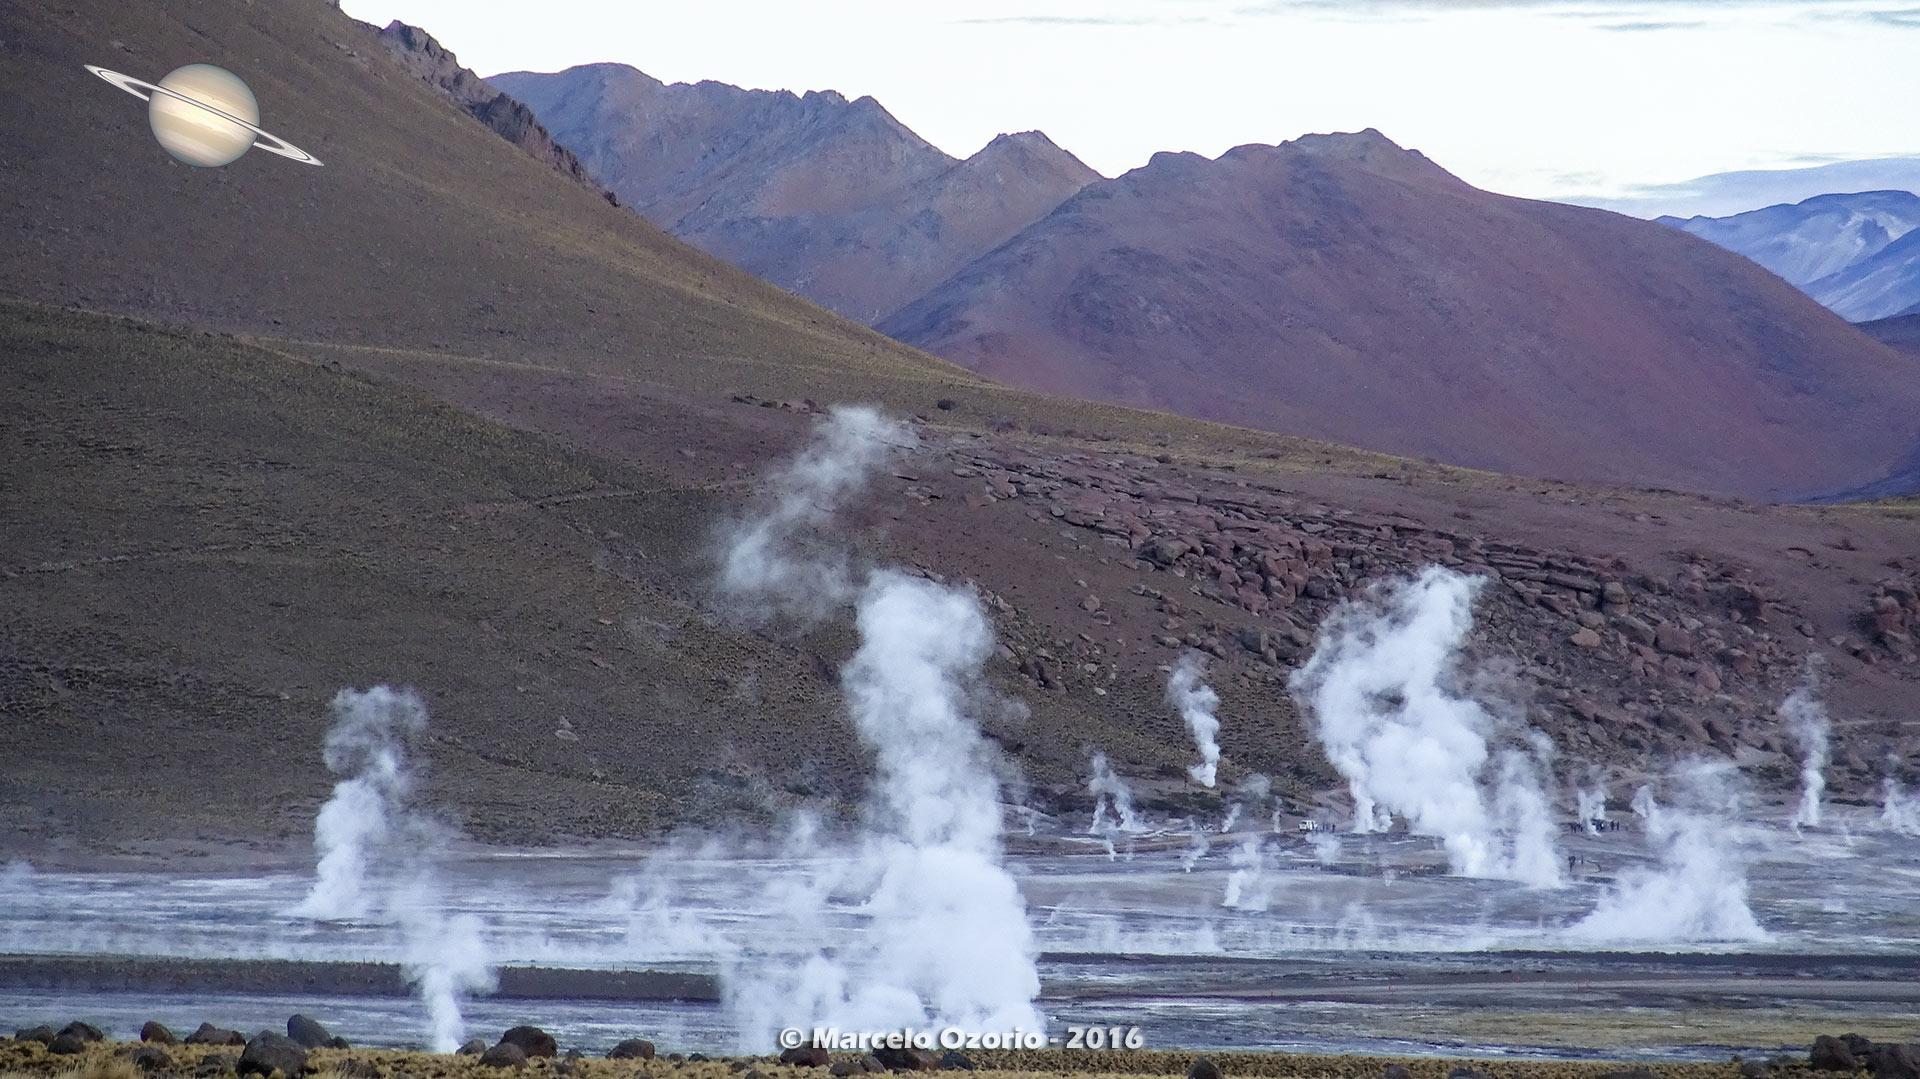 el tatio geysers atacama desert 3 - The Surreal El Tatio Geysers - Atacama Desert - Chile